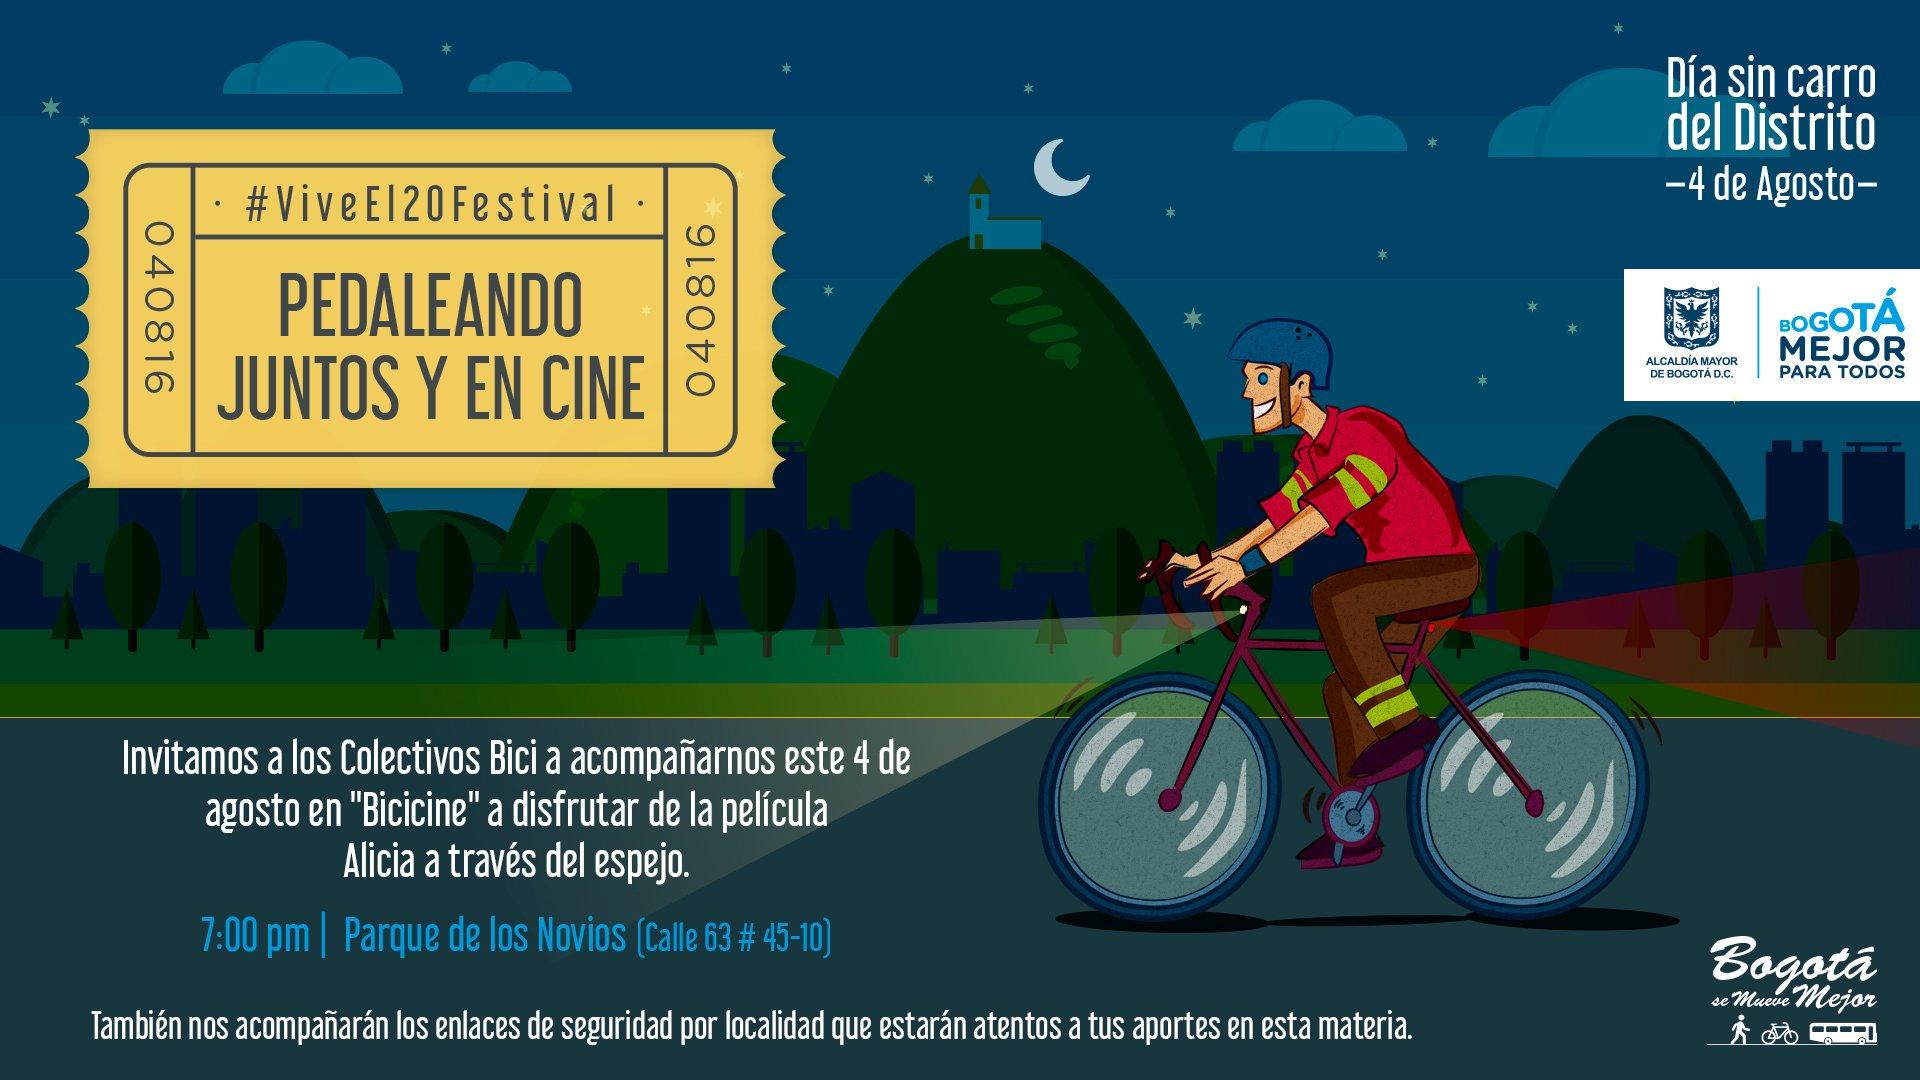 pedaleando_juntos_y_en_cine